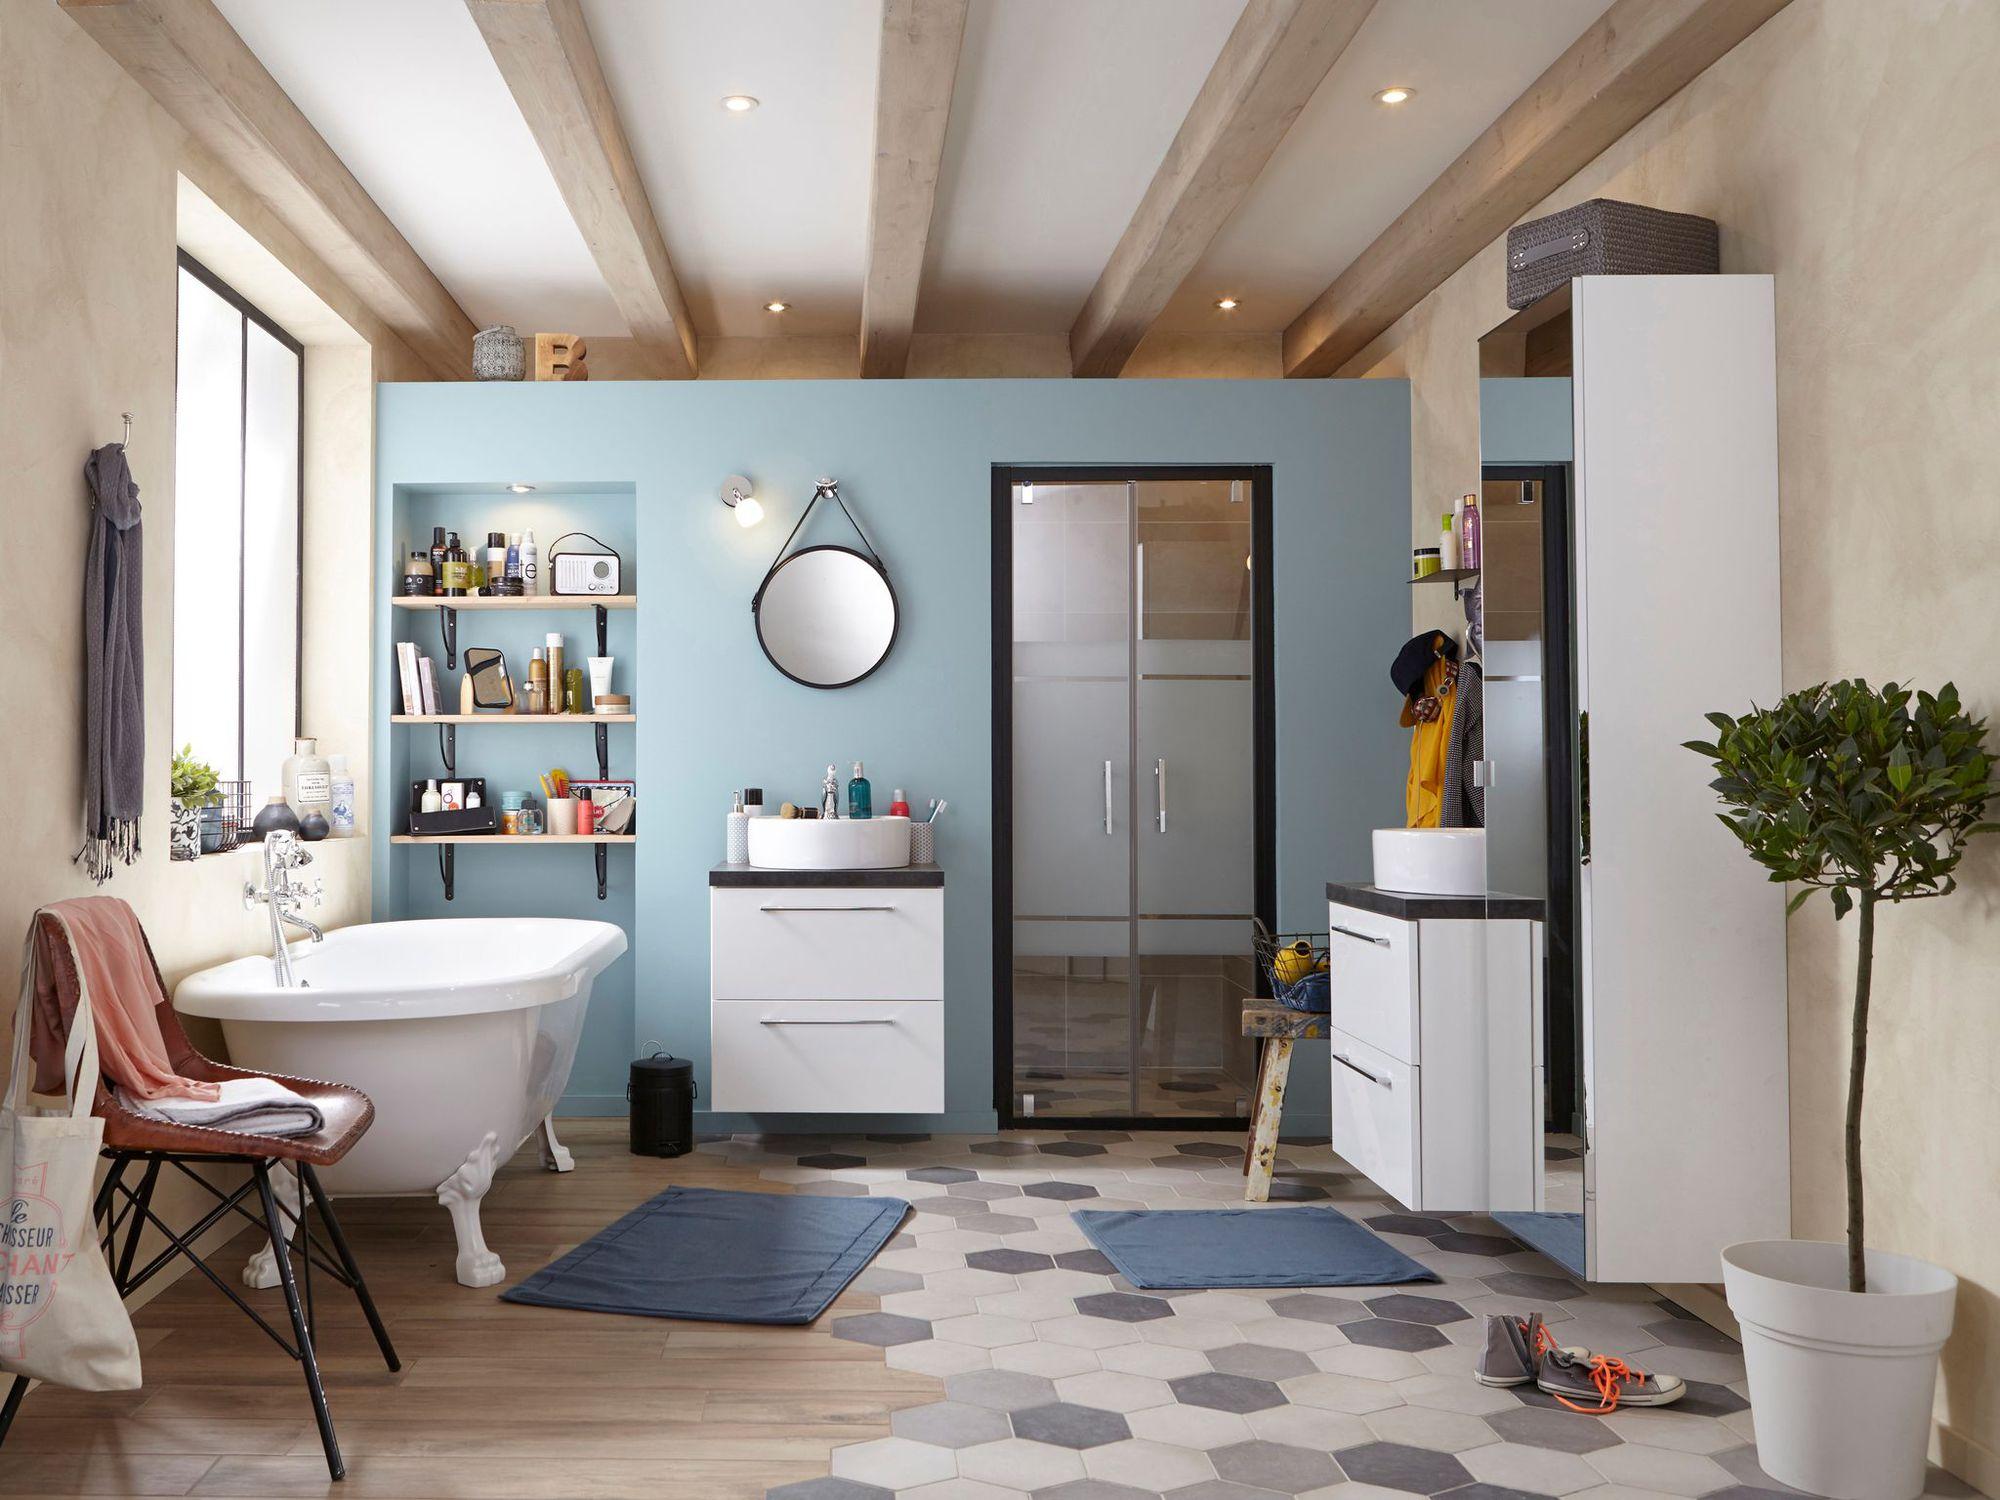 Salle De Bain Famille comment aménager une salle de bain pour toute la famille